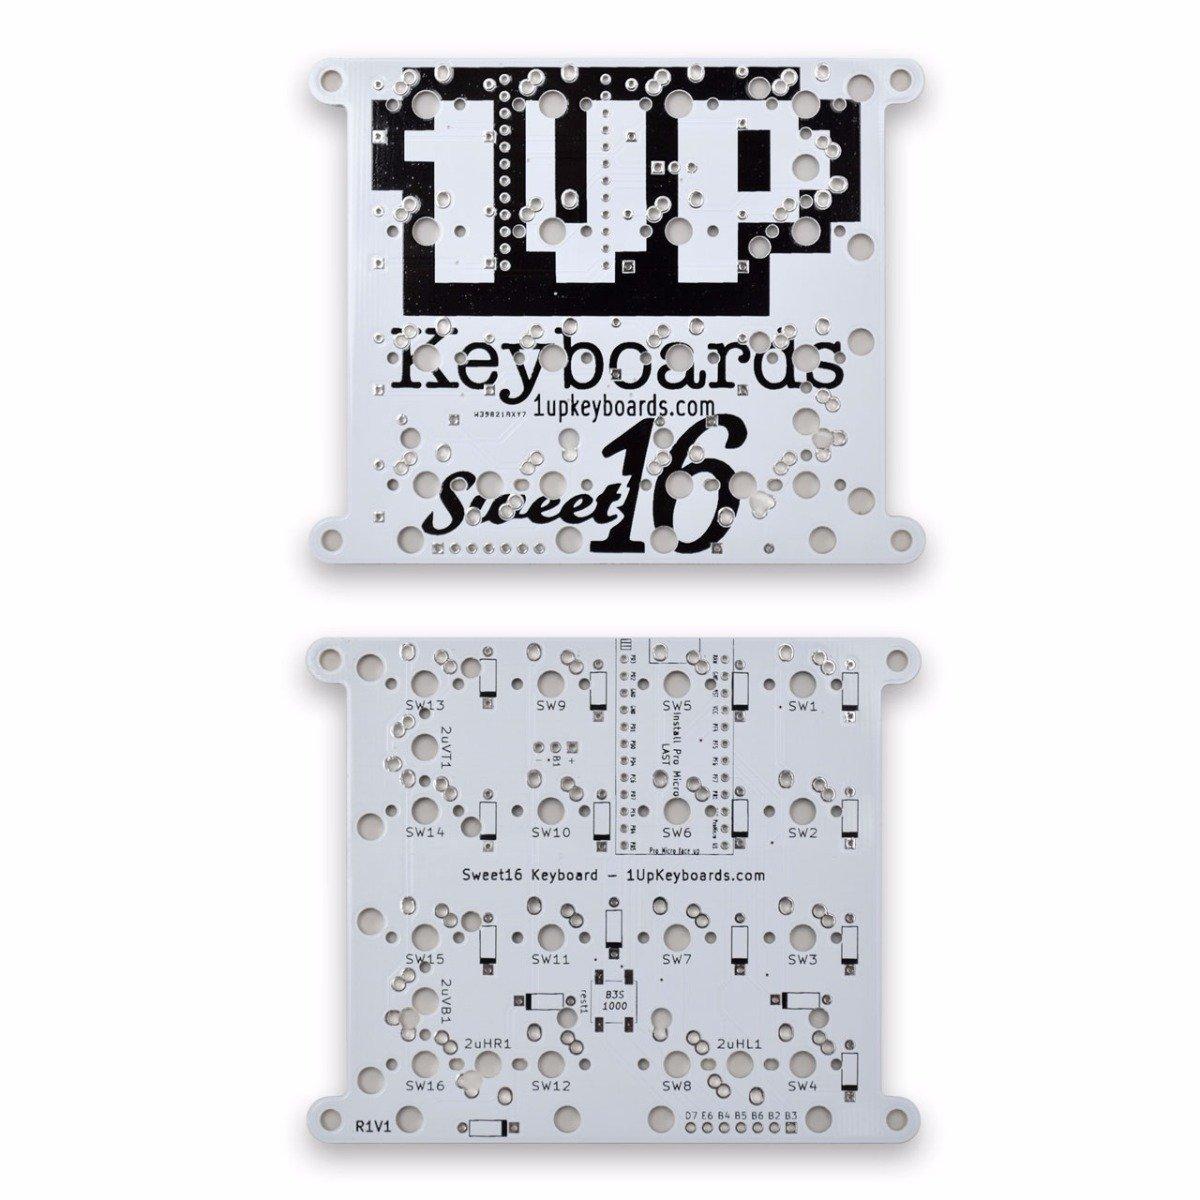 Sweet 16 Macro Pad White » 1upkeyboards